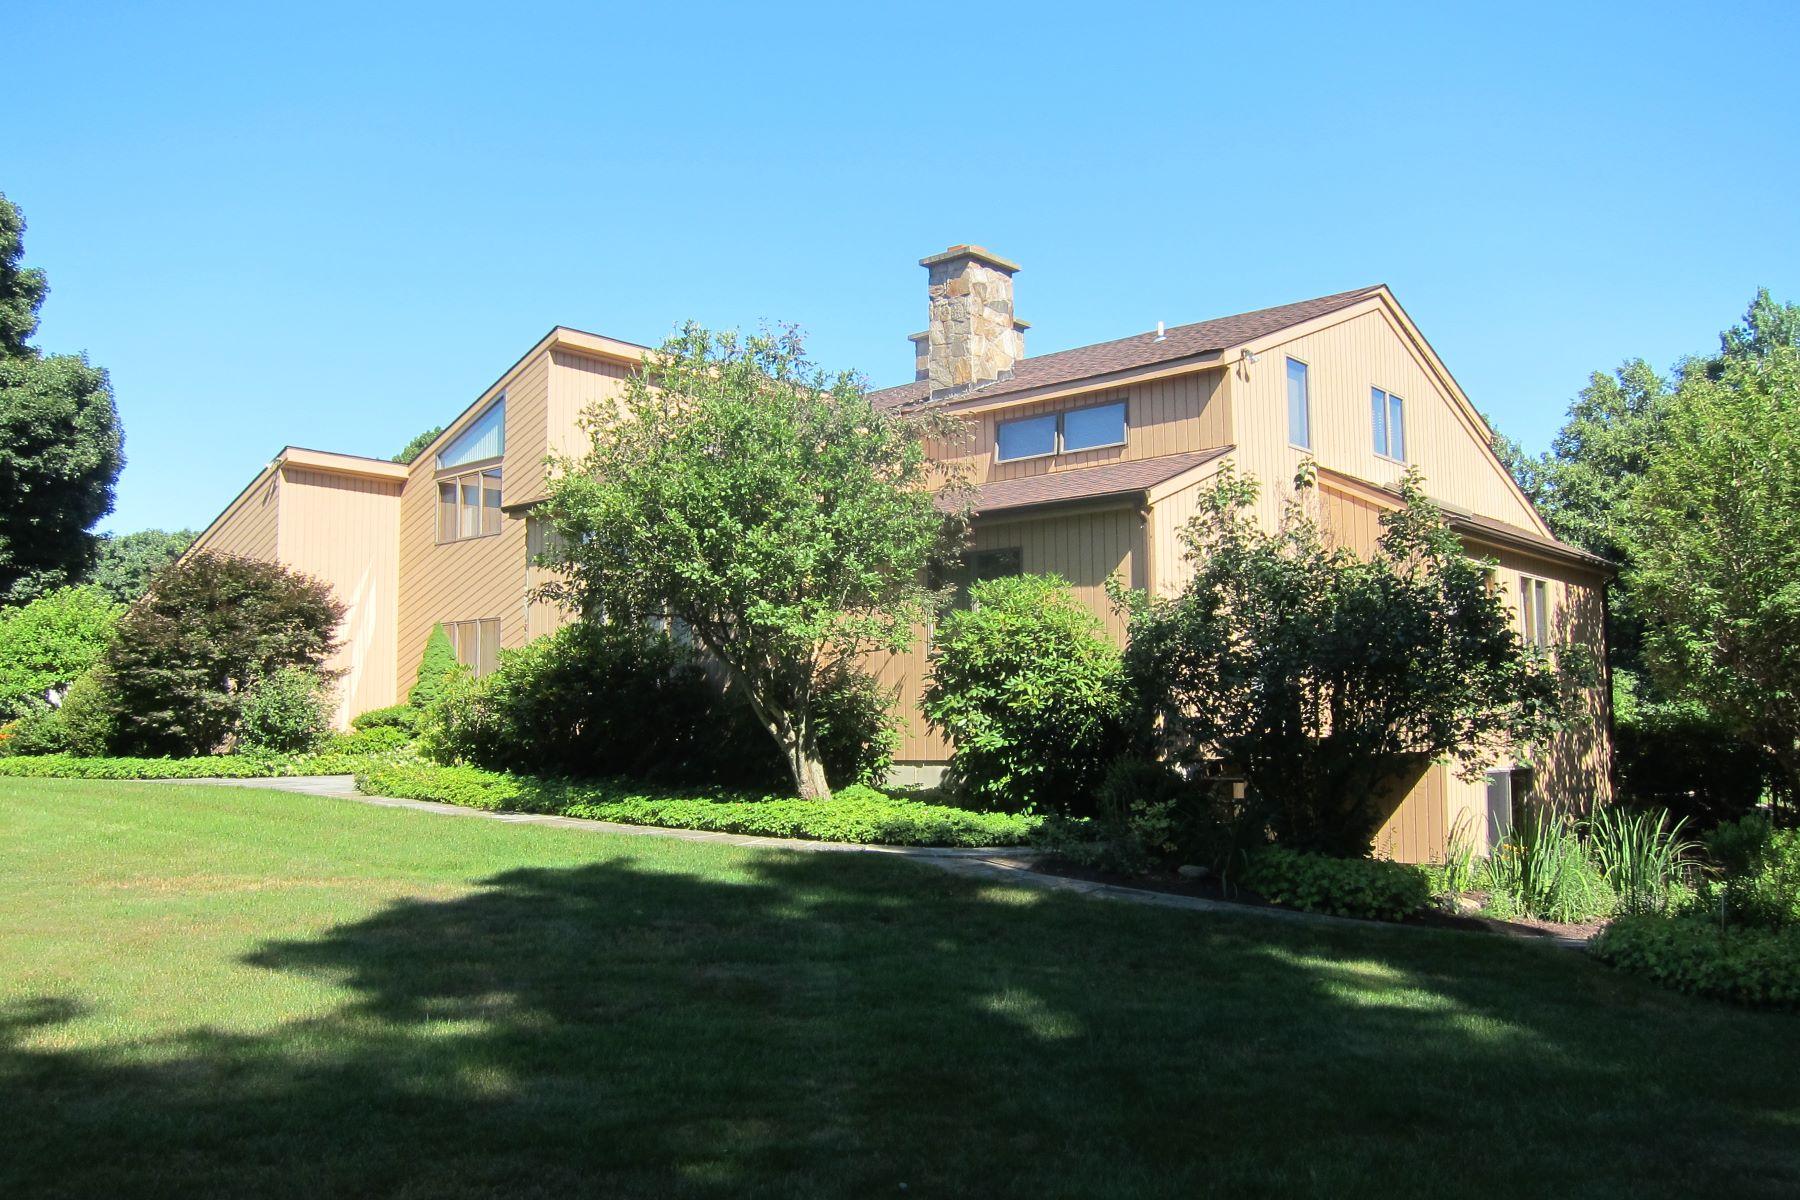 Частный односемейный дом для того Продажа на 15 Westwood Drive 15 Westwood Drive Easton, Коннектикут 06612 Соединенные Штаты